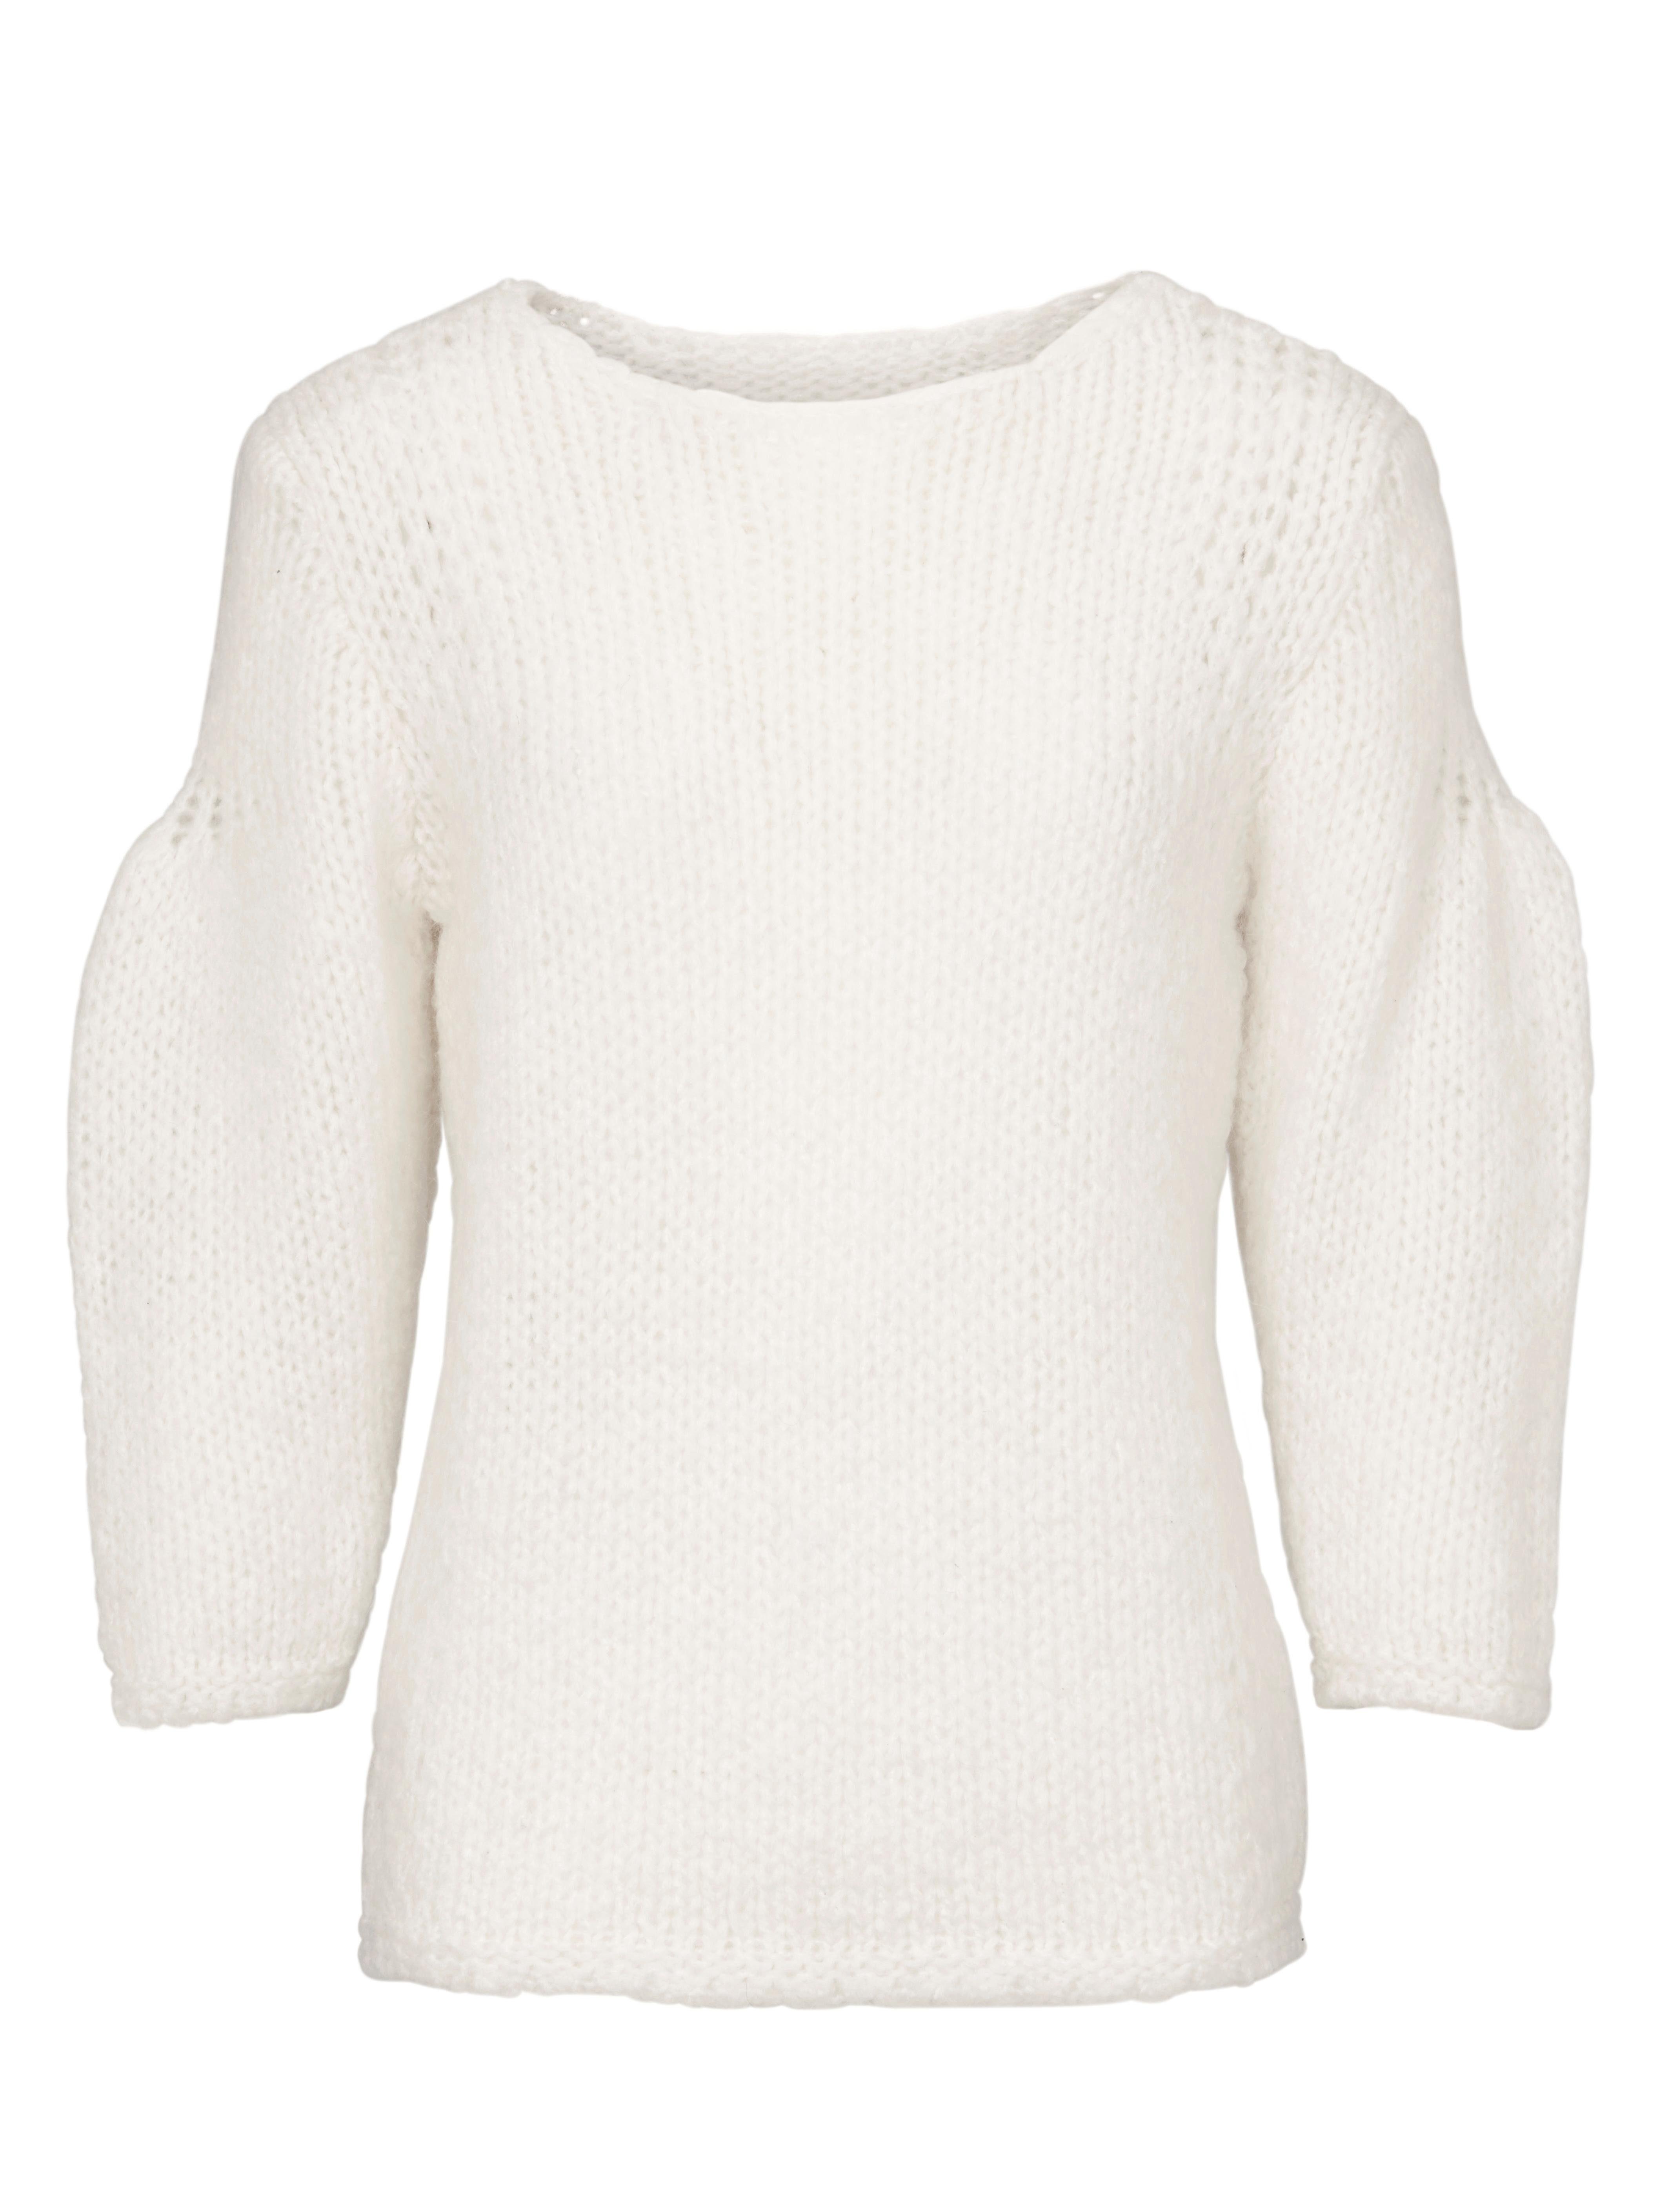 heine CASUAL Pullover mit 3/4 Arm